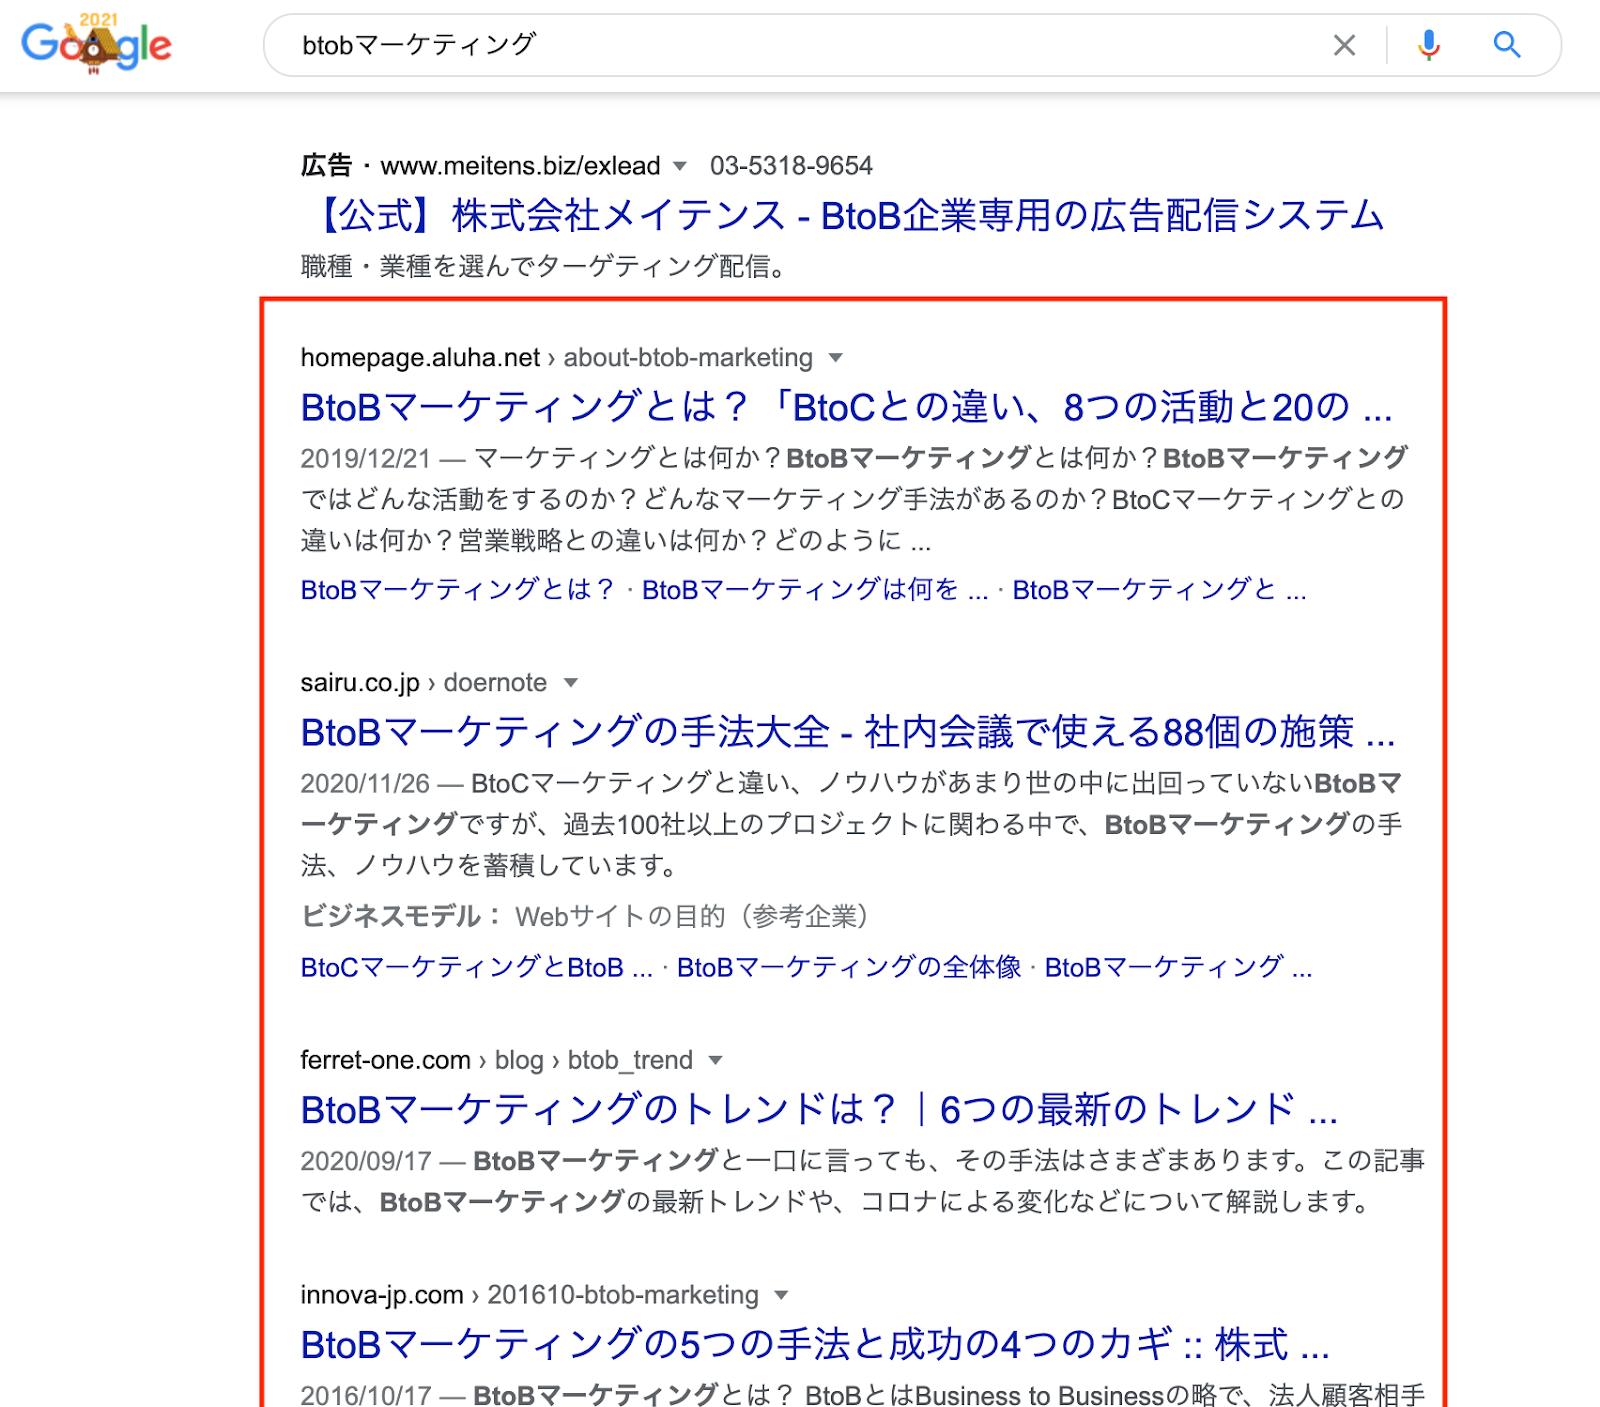 オーガニック検索のスクリーンショット